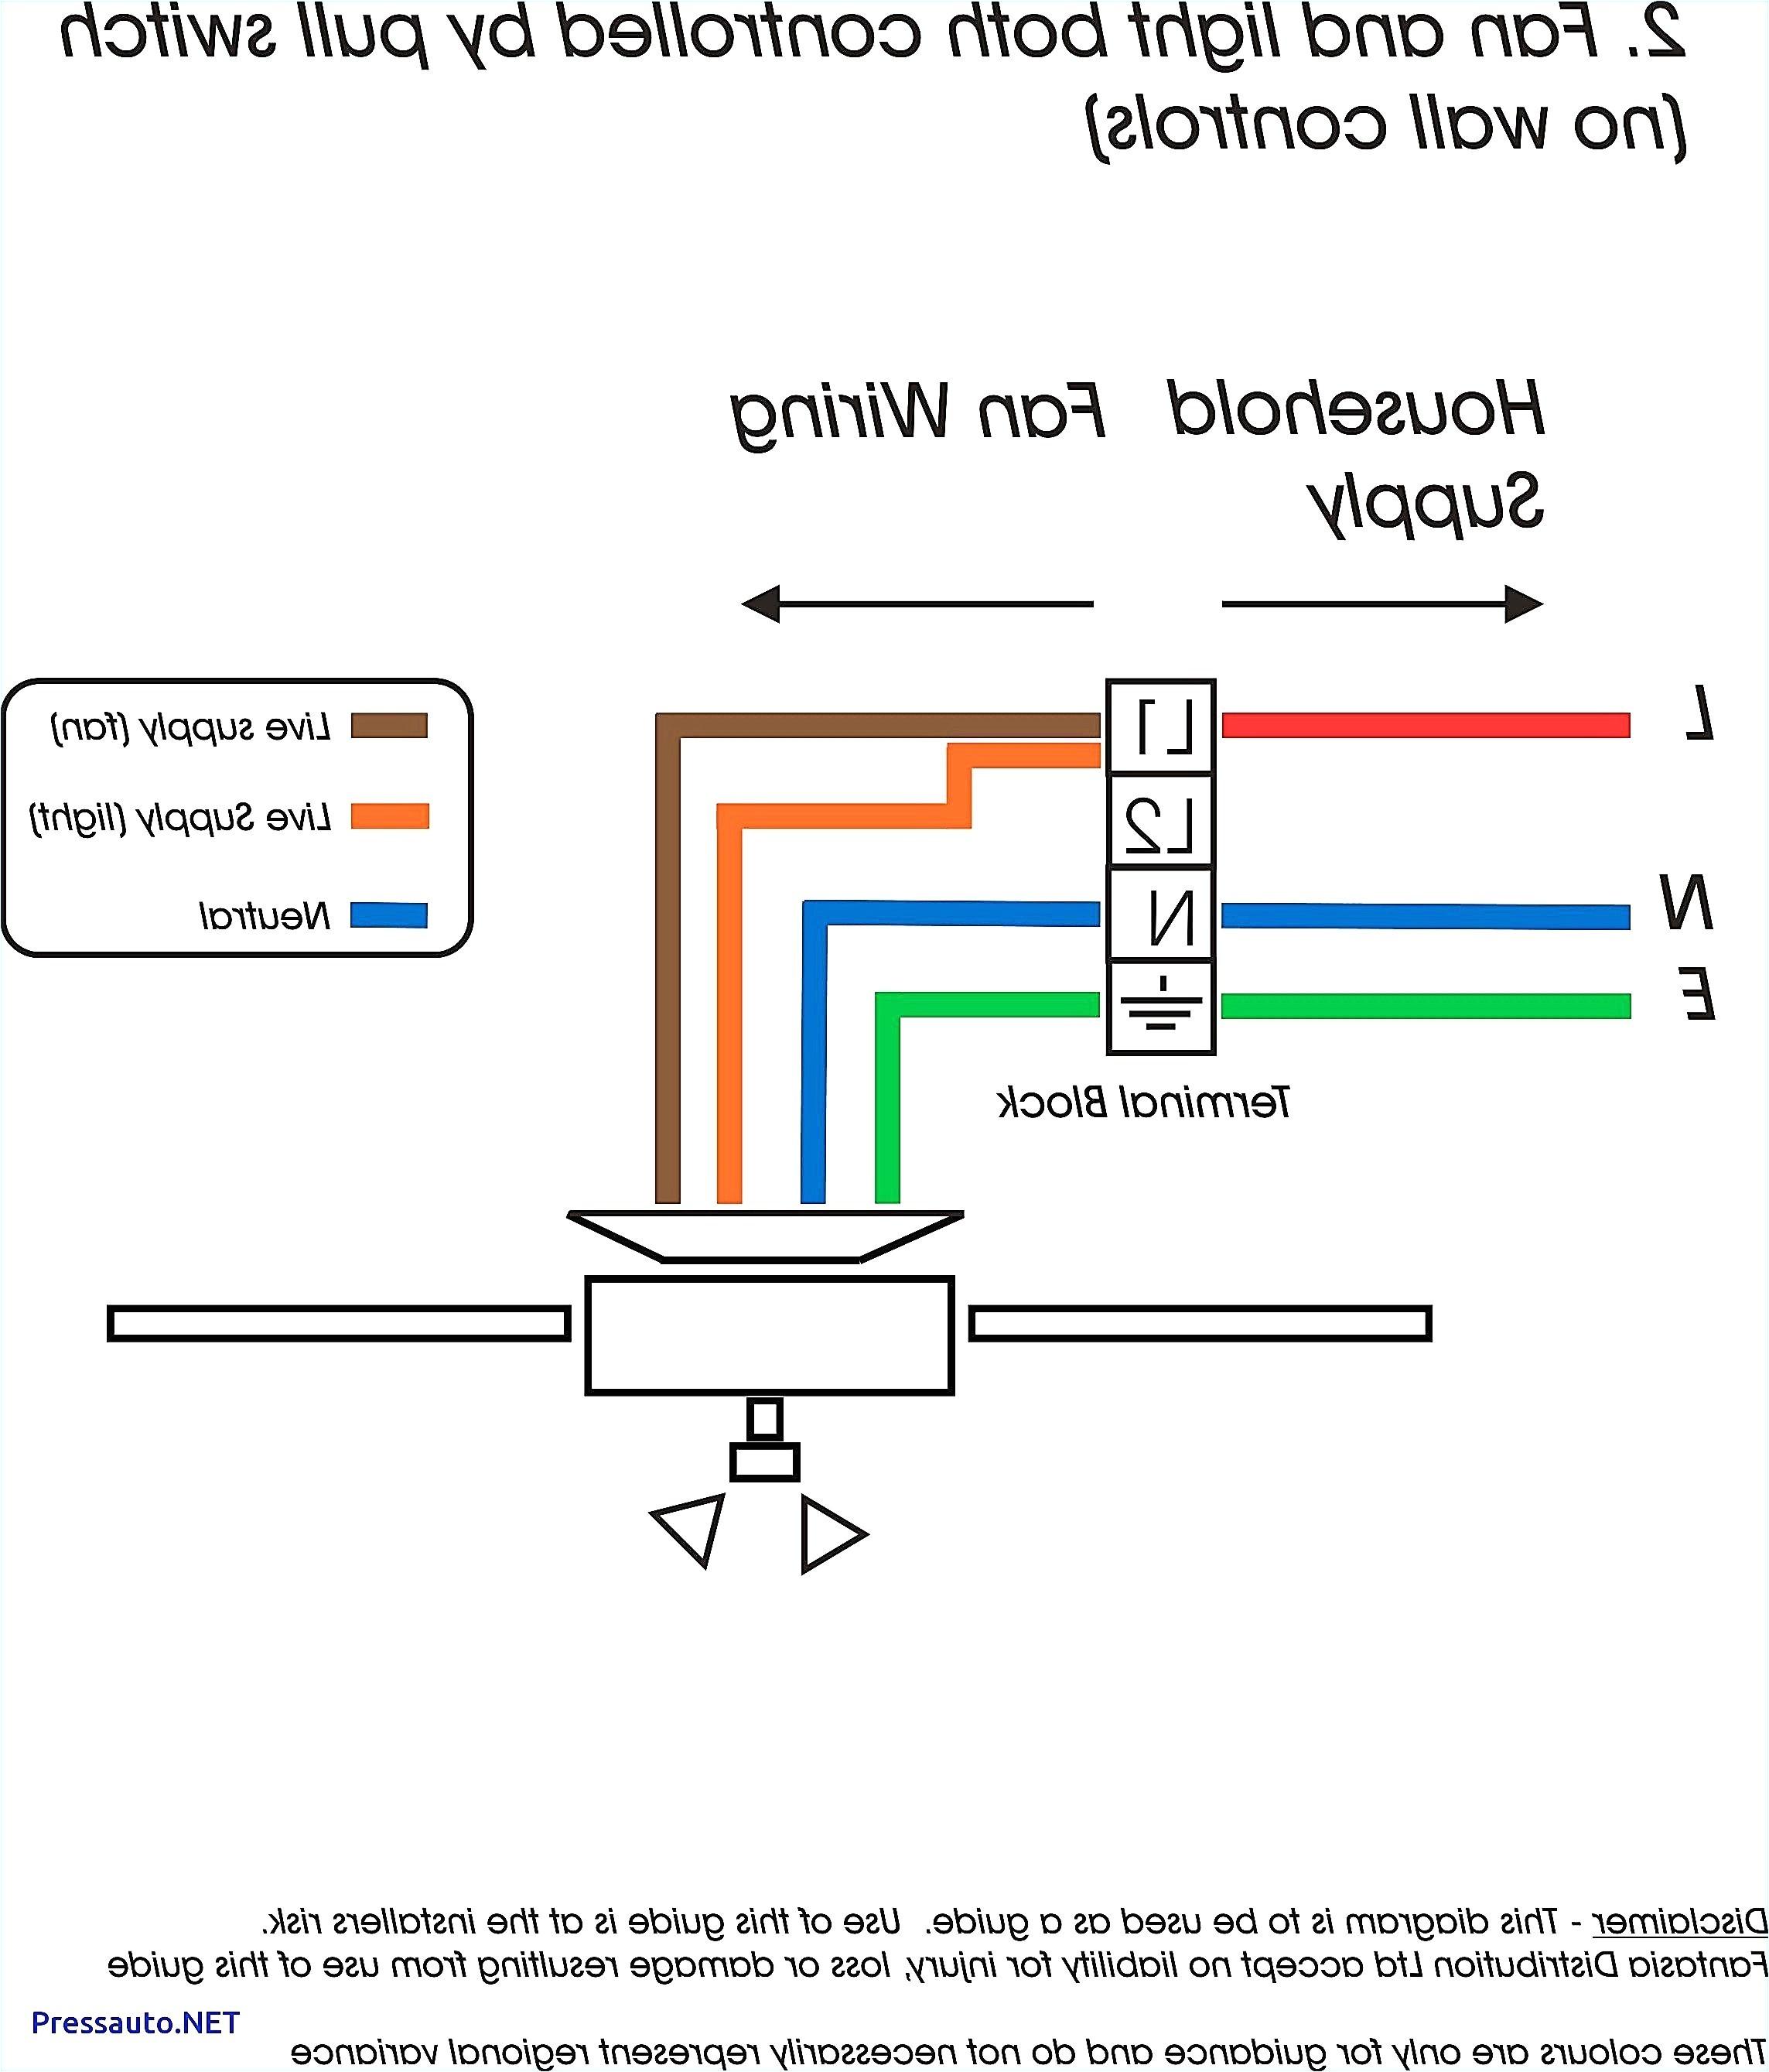 pioneer amp wiring diagram wiring diagrams konsult pioneer amp wiring diagram pioneer amp wiring diagram